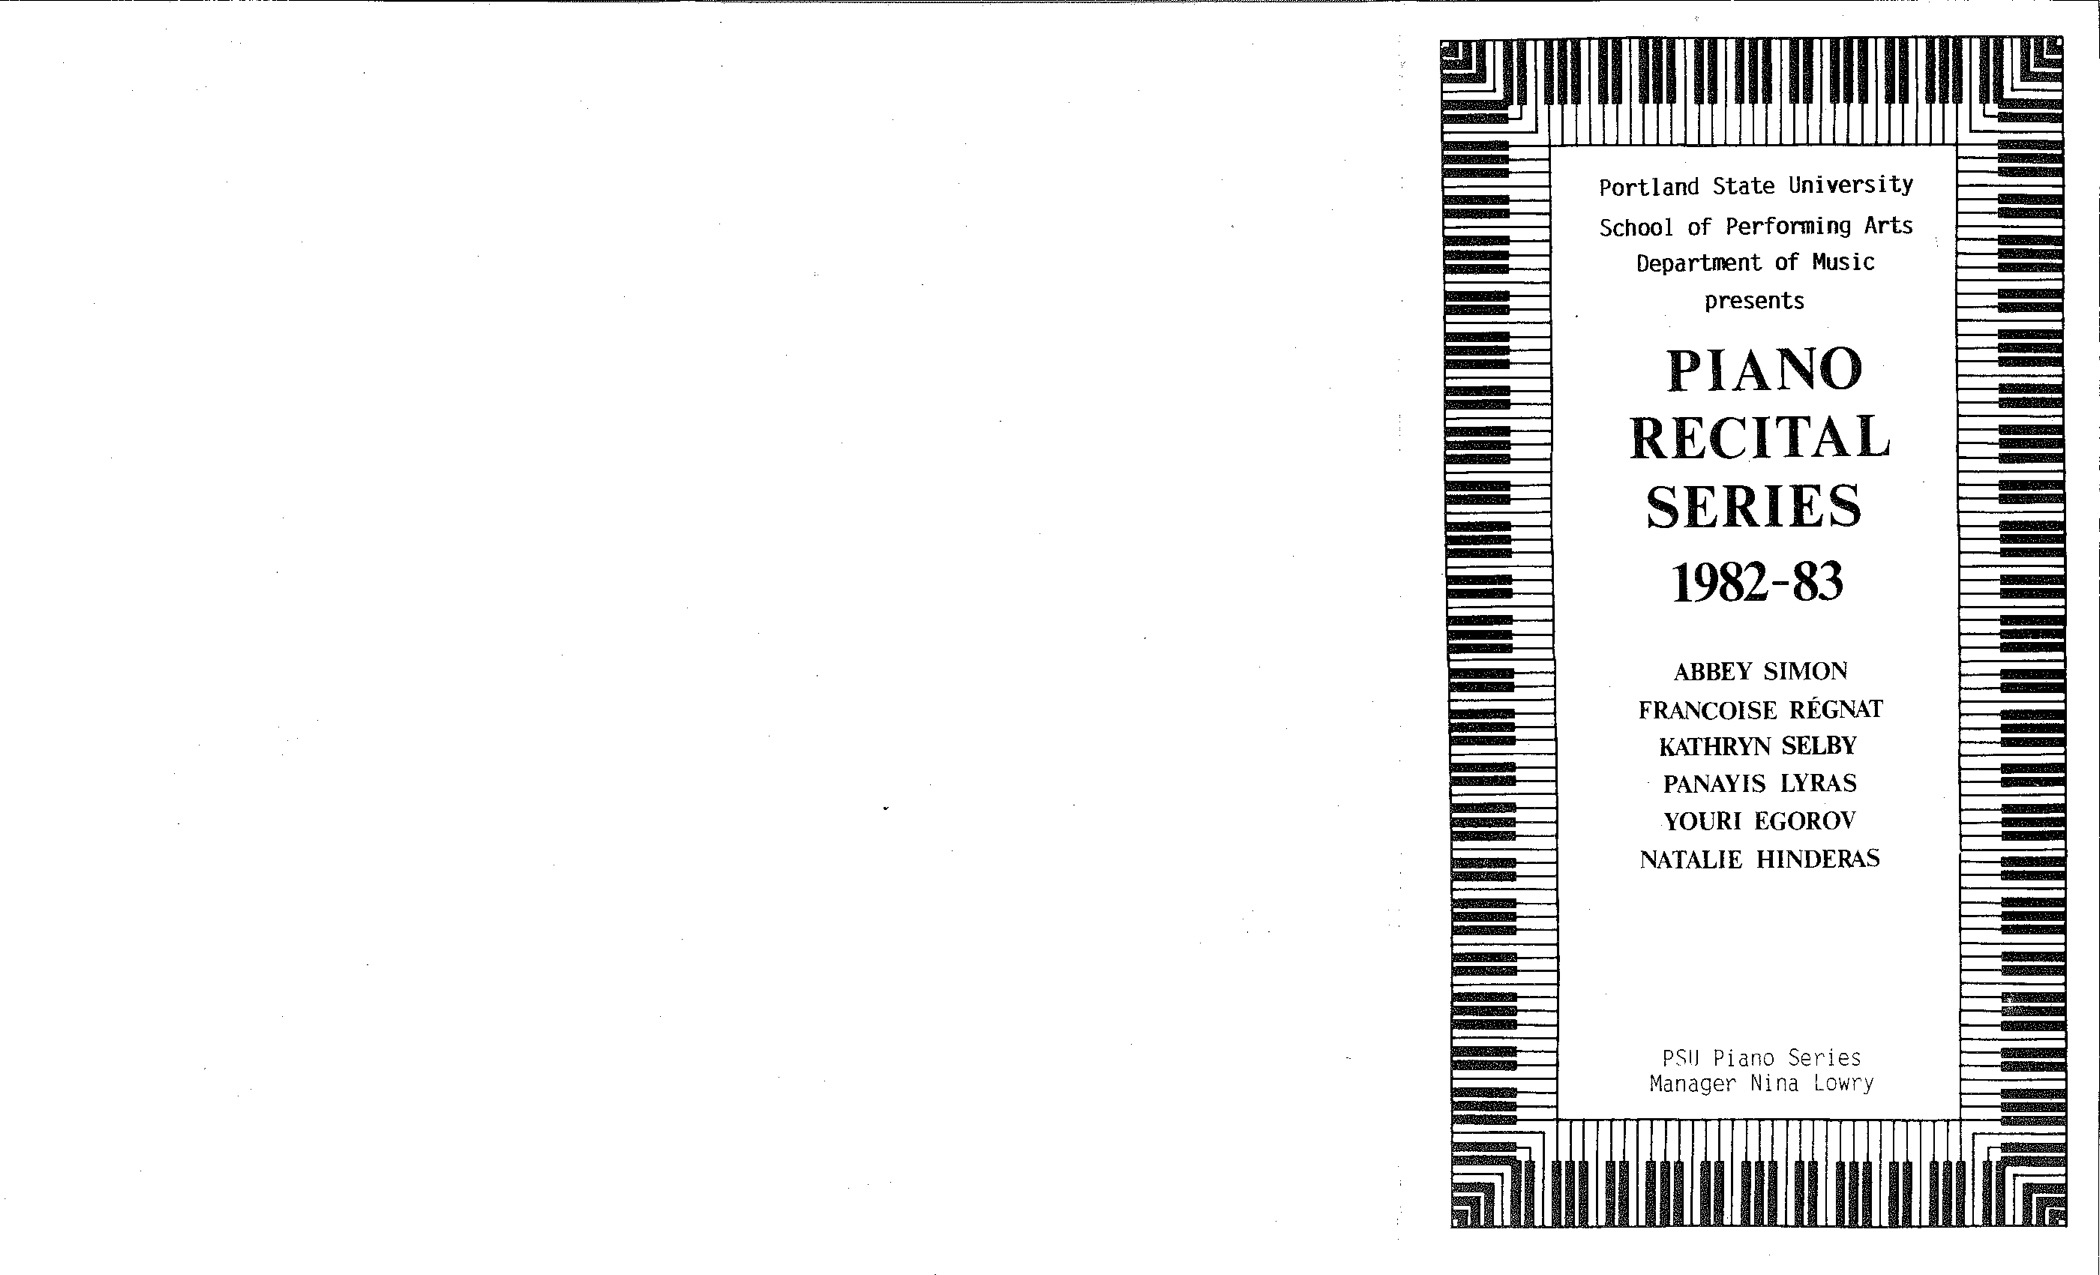 Regnat82-83_.jpg